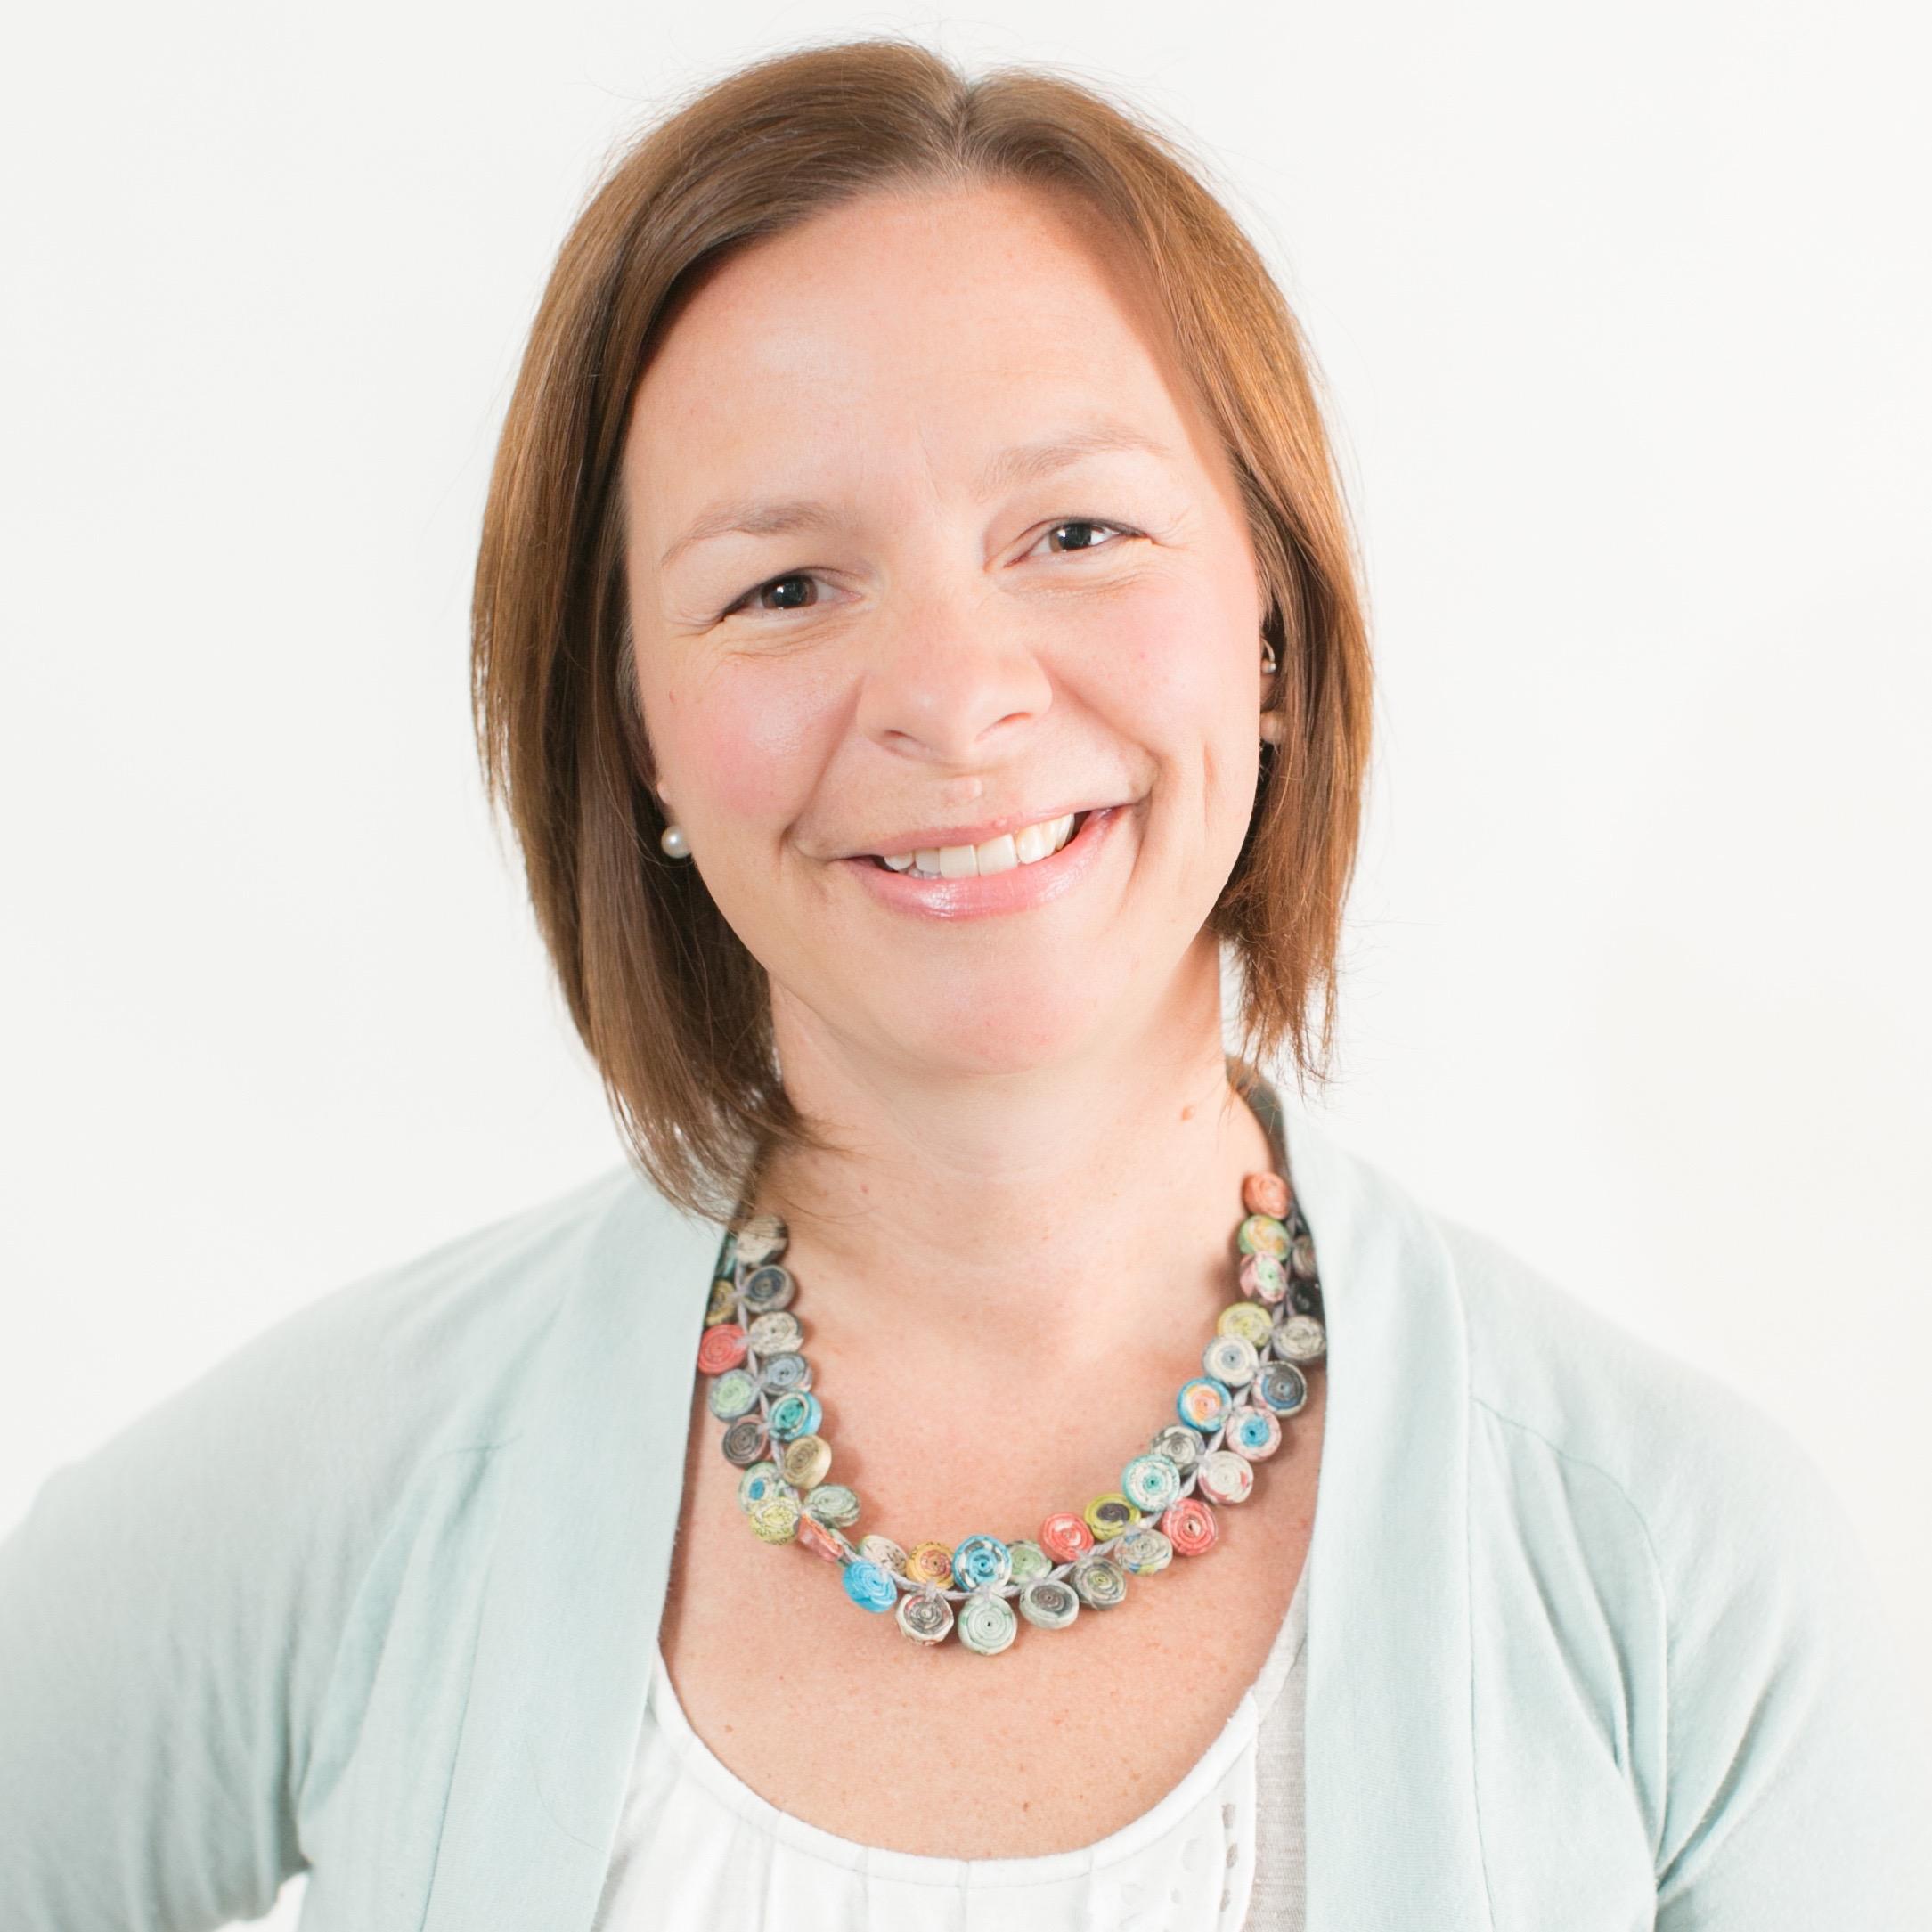 Dr. Kylie Vannaman of Overland Park, KS